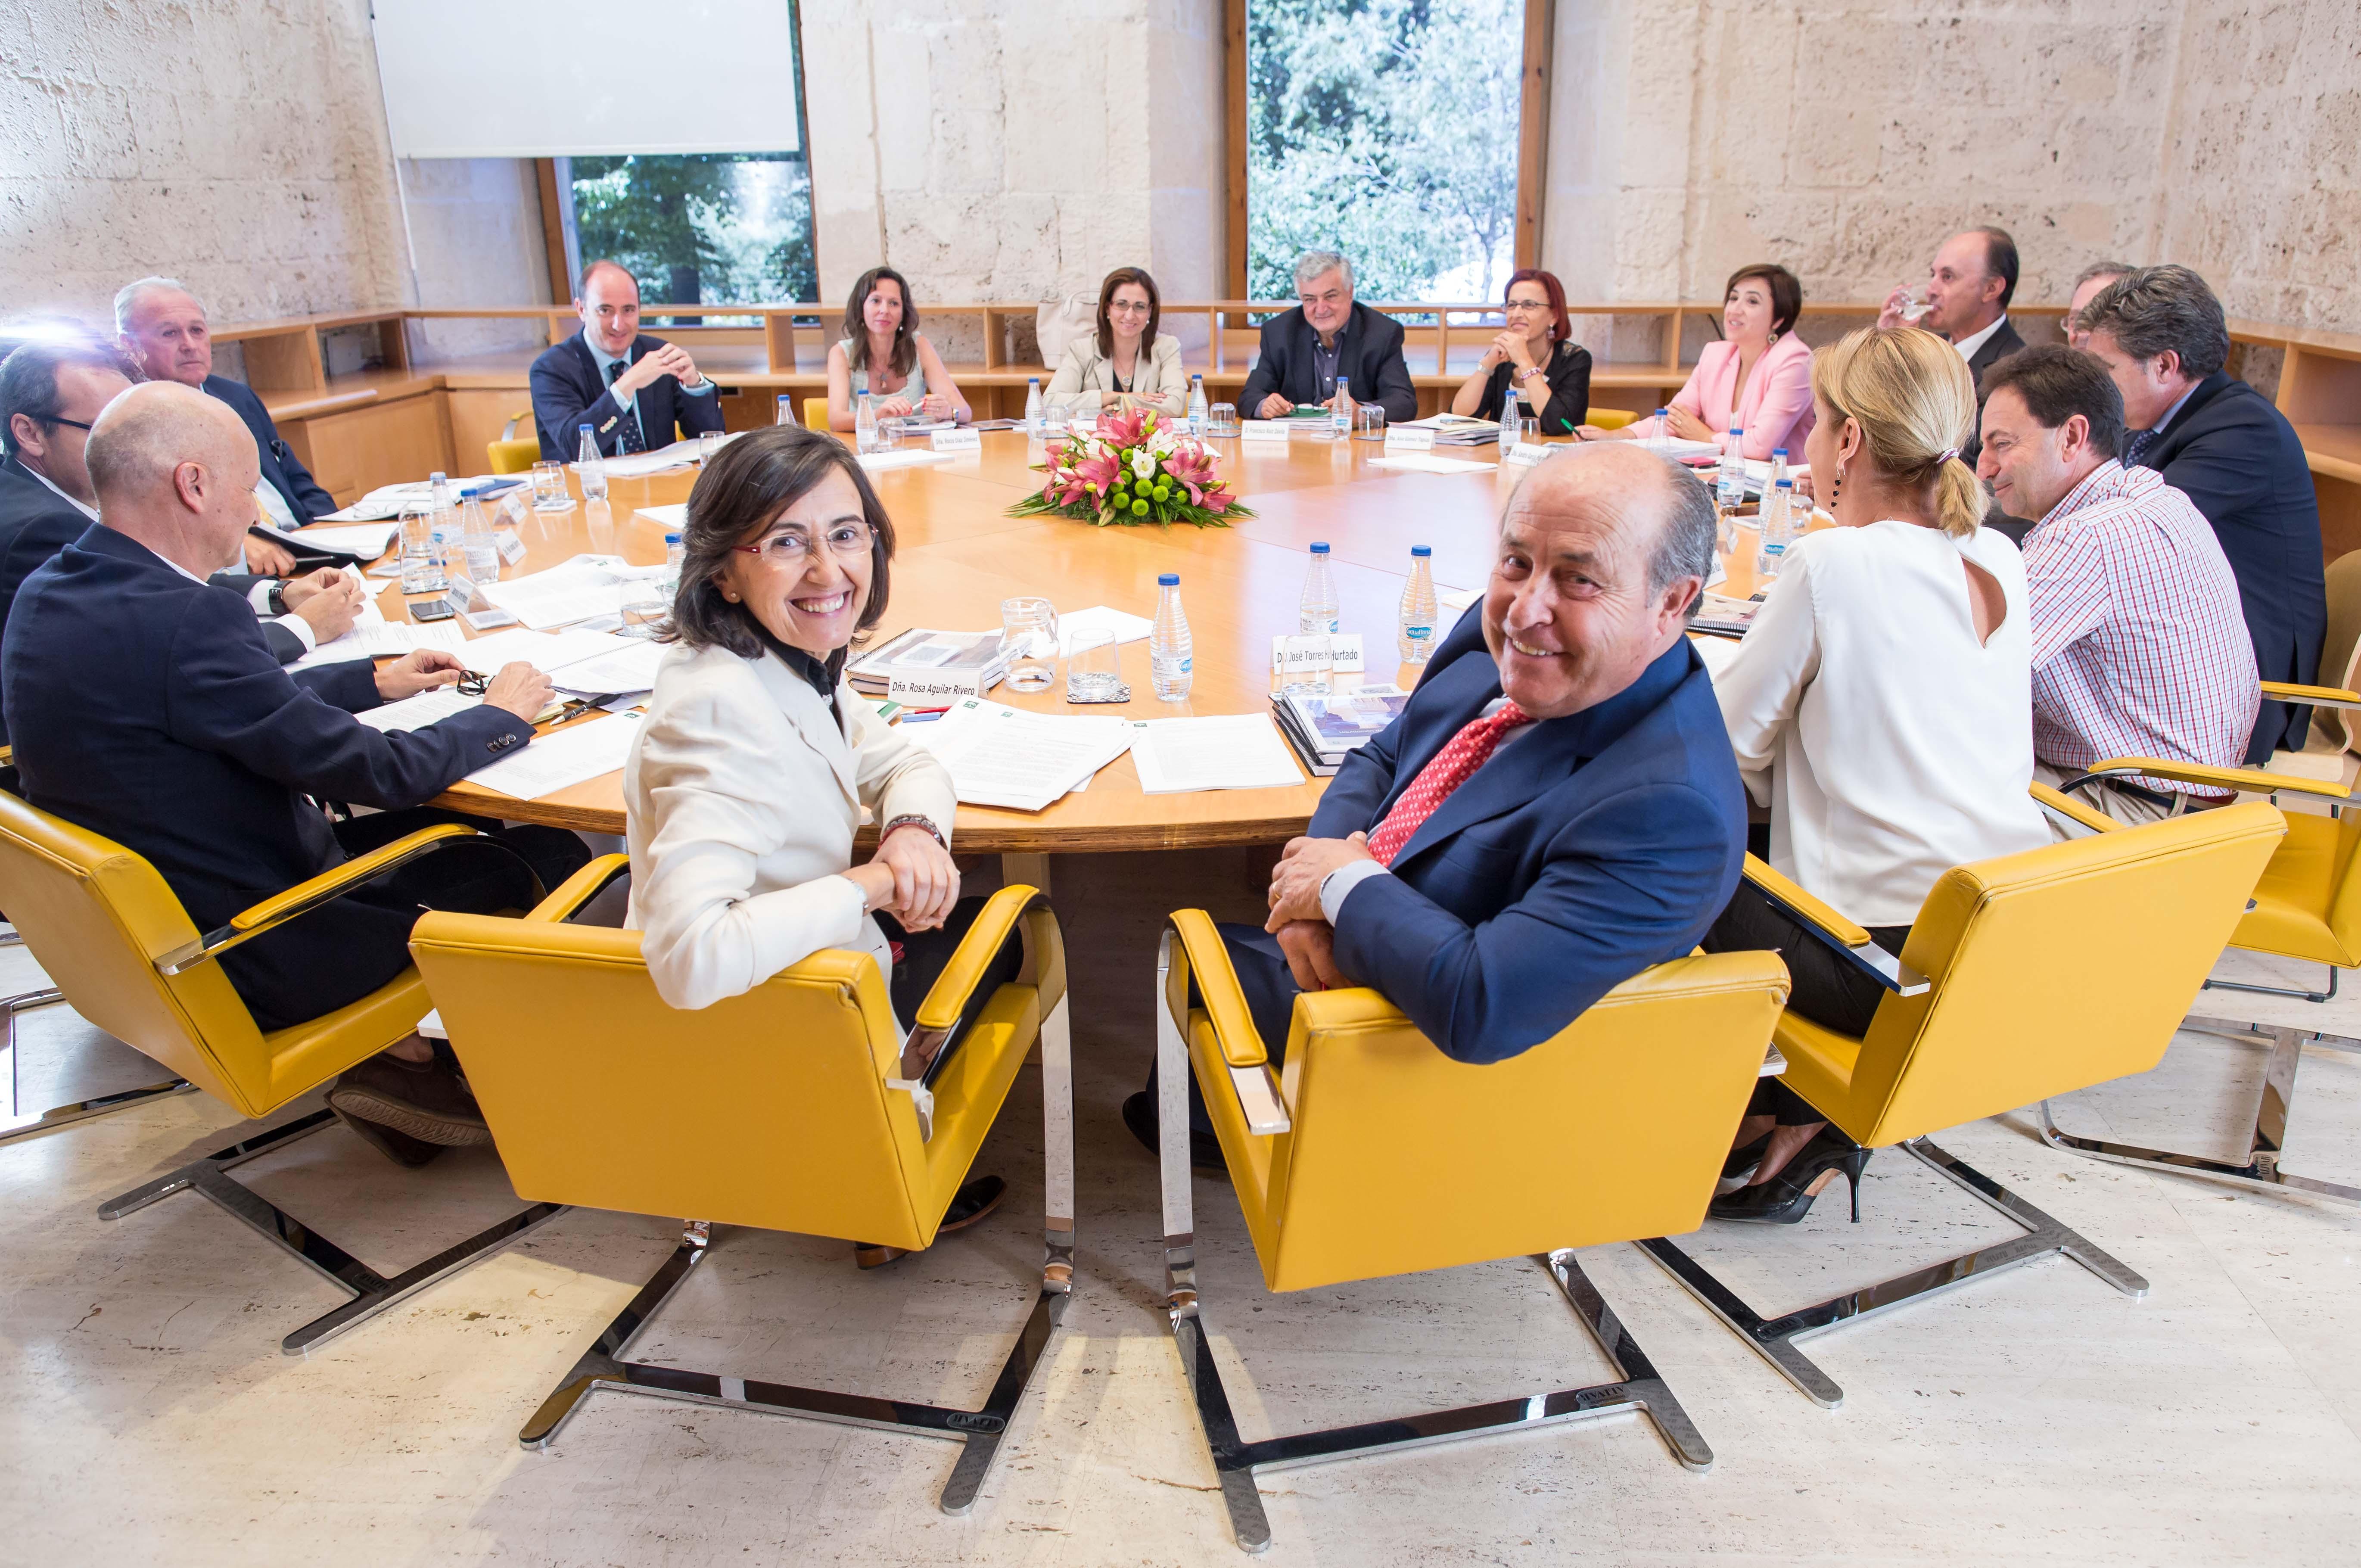 La Consejera de Cultura preside la reunión del pleno del Patronato de la Alhambra y Generalife